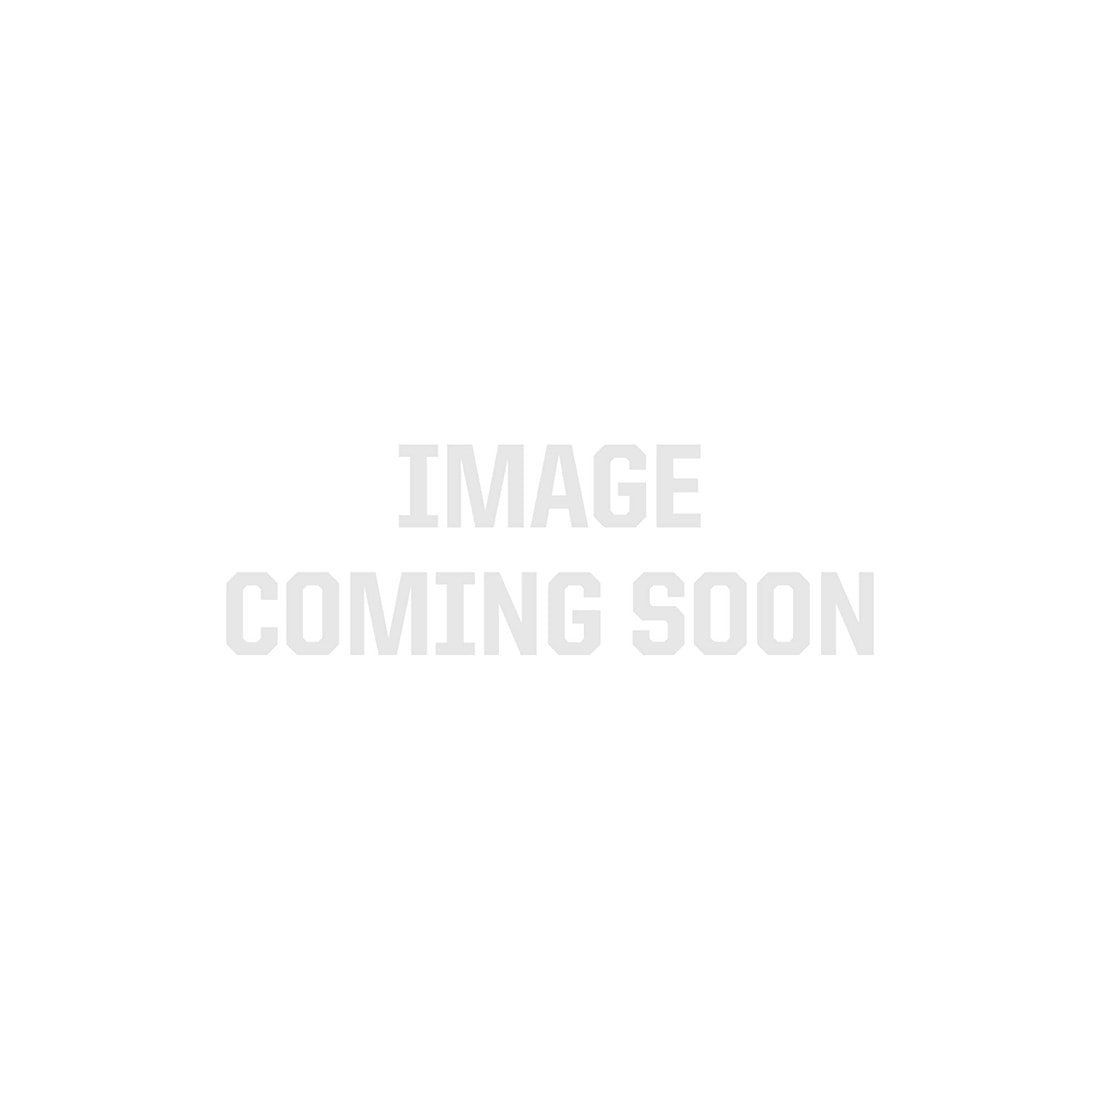 White Adjustable 2216 TruColor LED Strip Light, 240/m, 10mm wide, Sample Kit